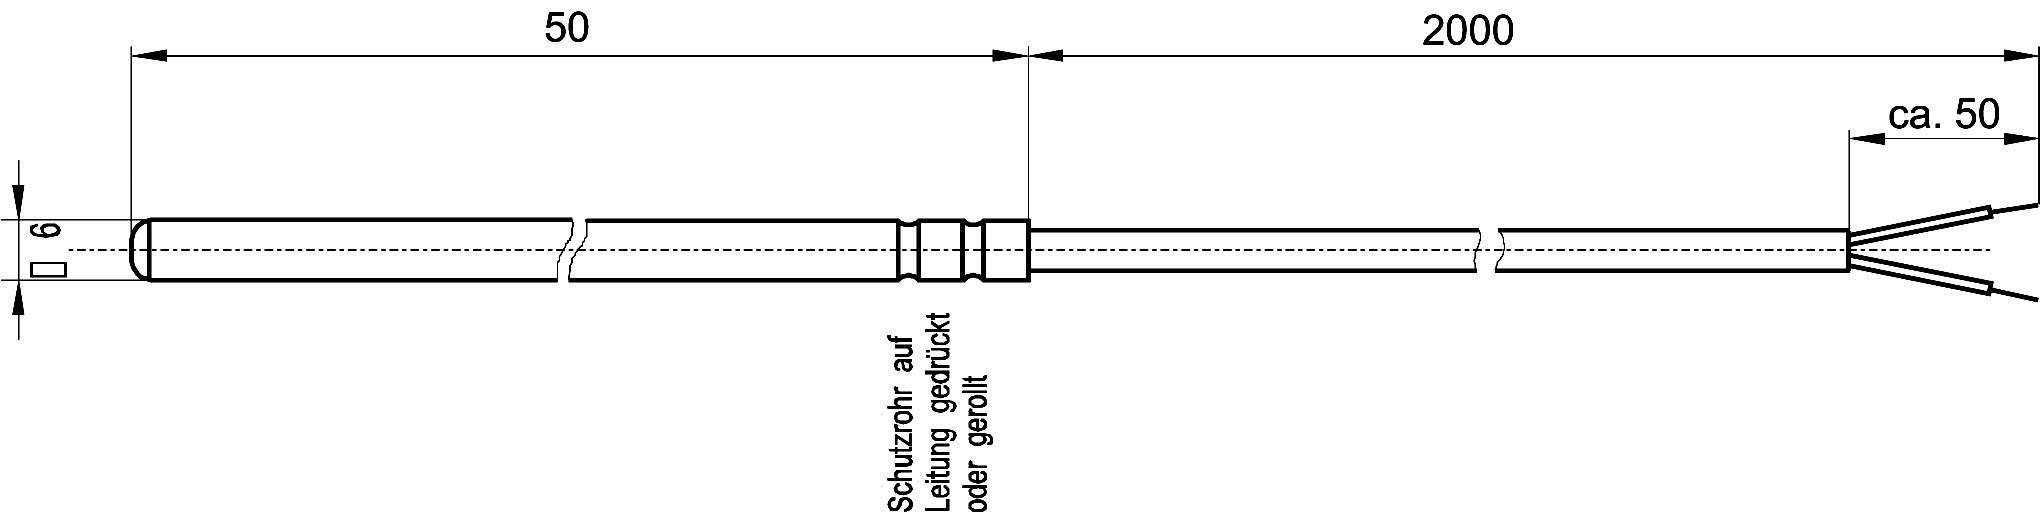 Teplotný senzor Enda K1-Pt100-S-200, -50 do 200 °C, 2 m, 6 mm